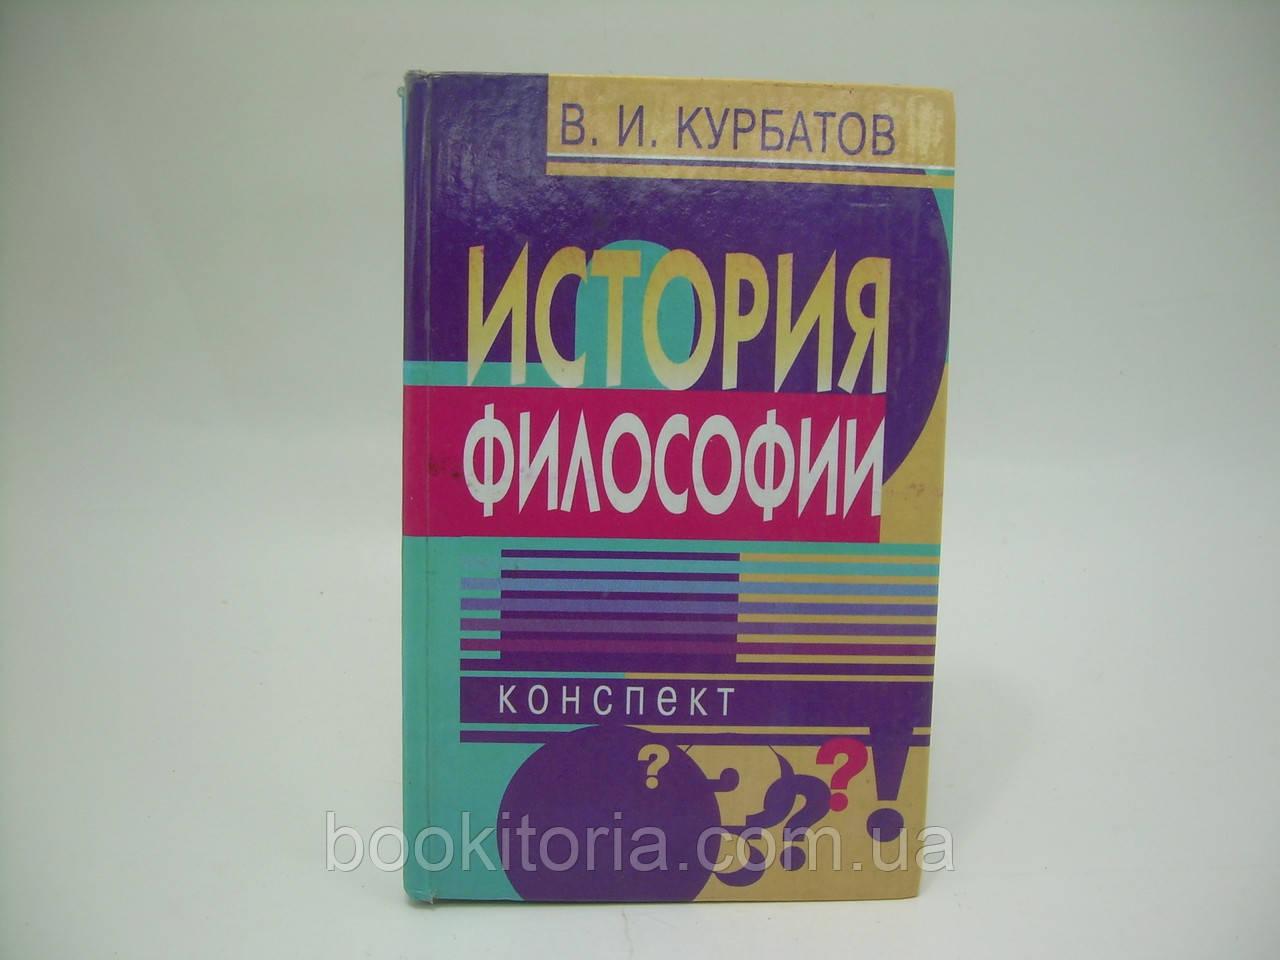 Курбатов В.И. История философии (б/у).